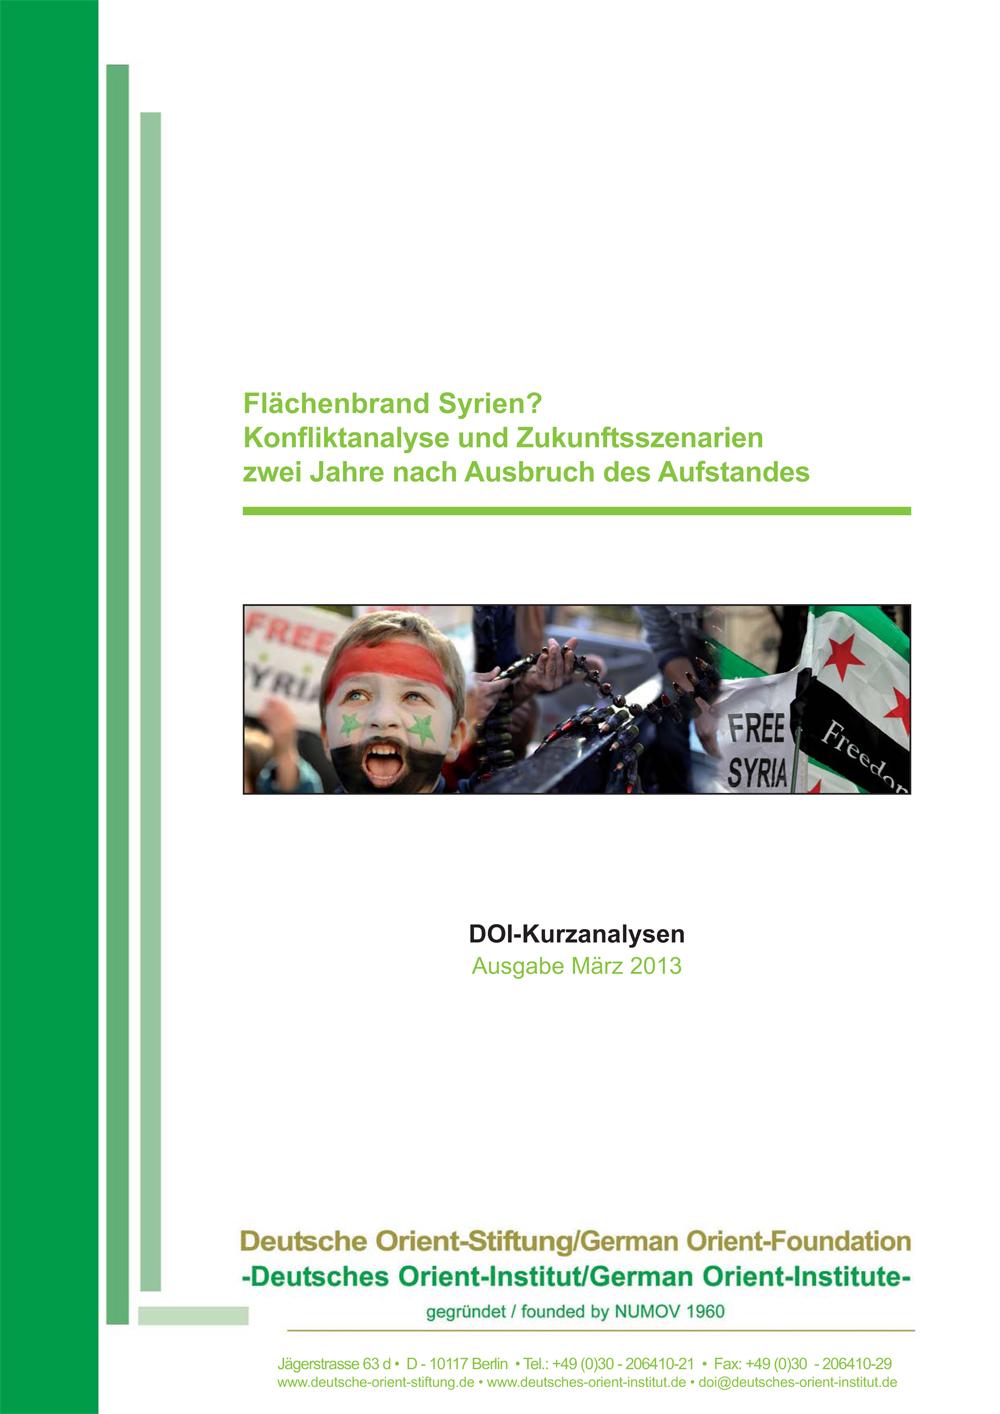 """Featured image for """"Flächenbrand Syrien? Konfliktanalyse und Zukunftsszenarien zwei Jahre nach Ausbruch des Aufstandes"""""""